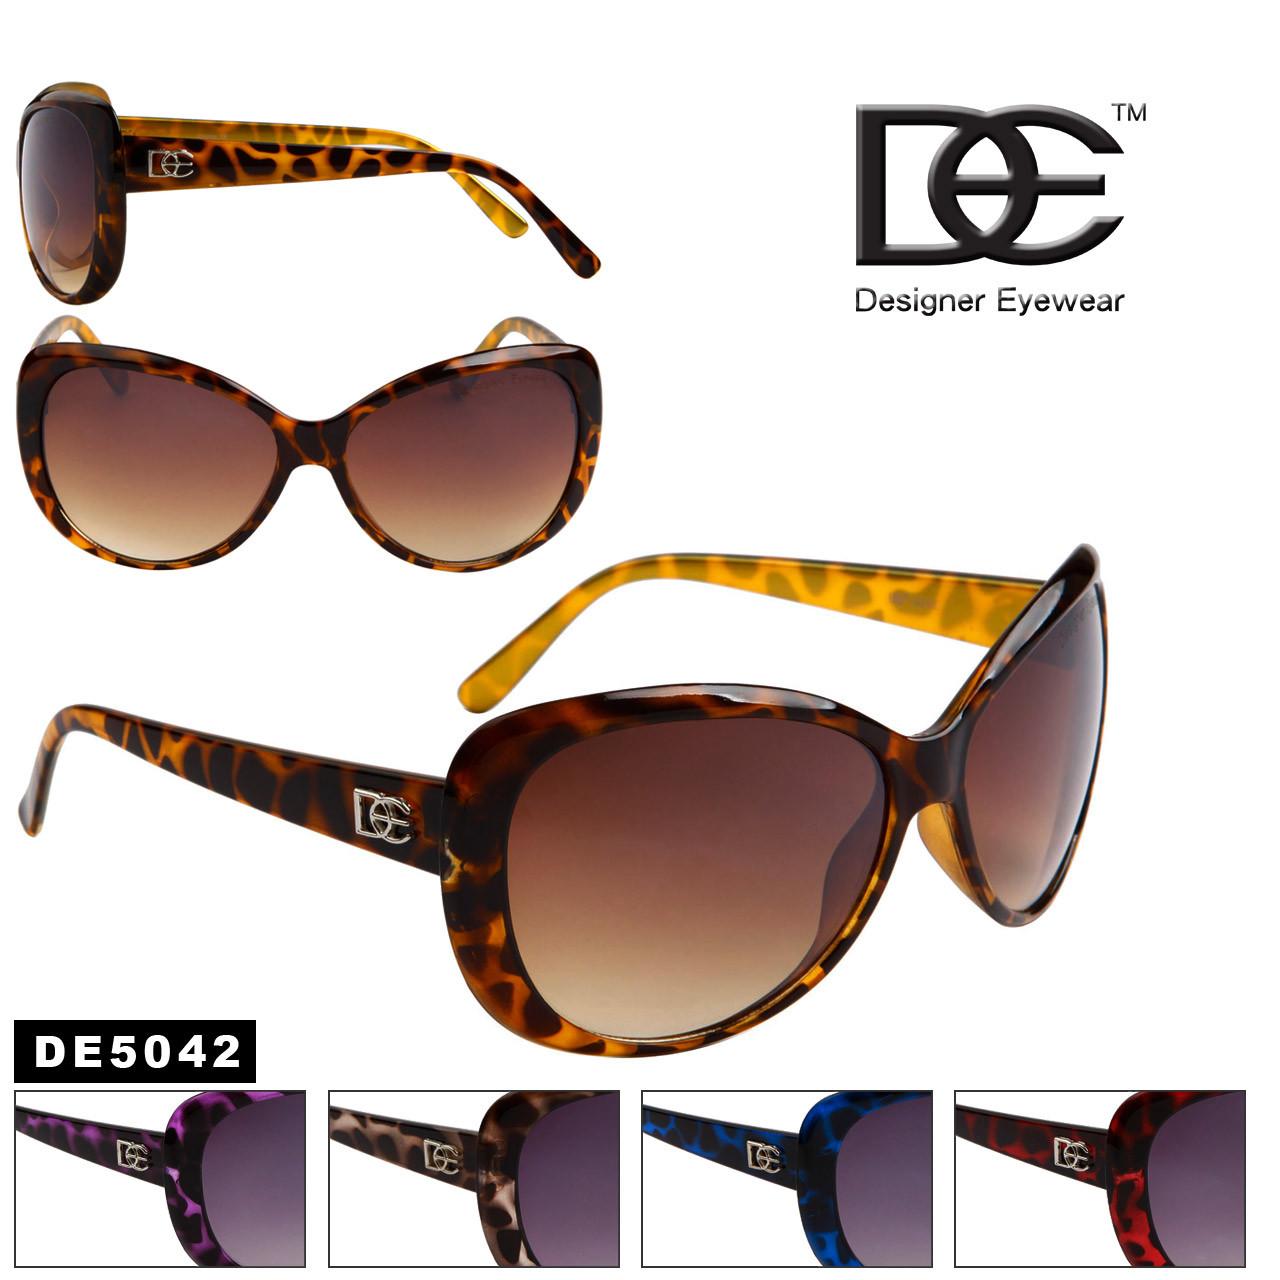 DE™ Cat Eye Sunglasses Style # DE5042 (Assorted Colors) (12 pcs.)